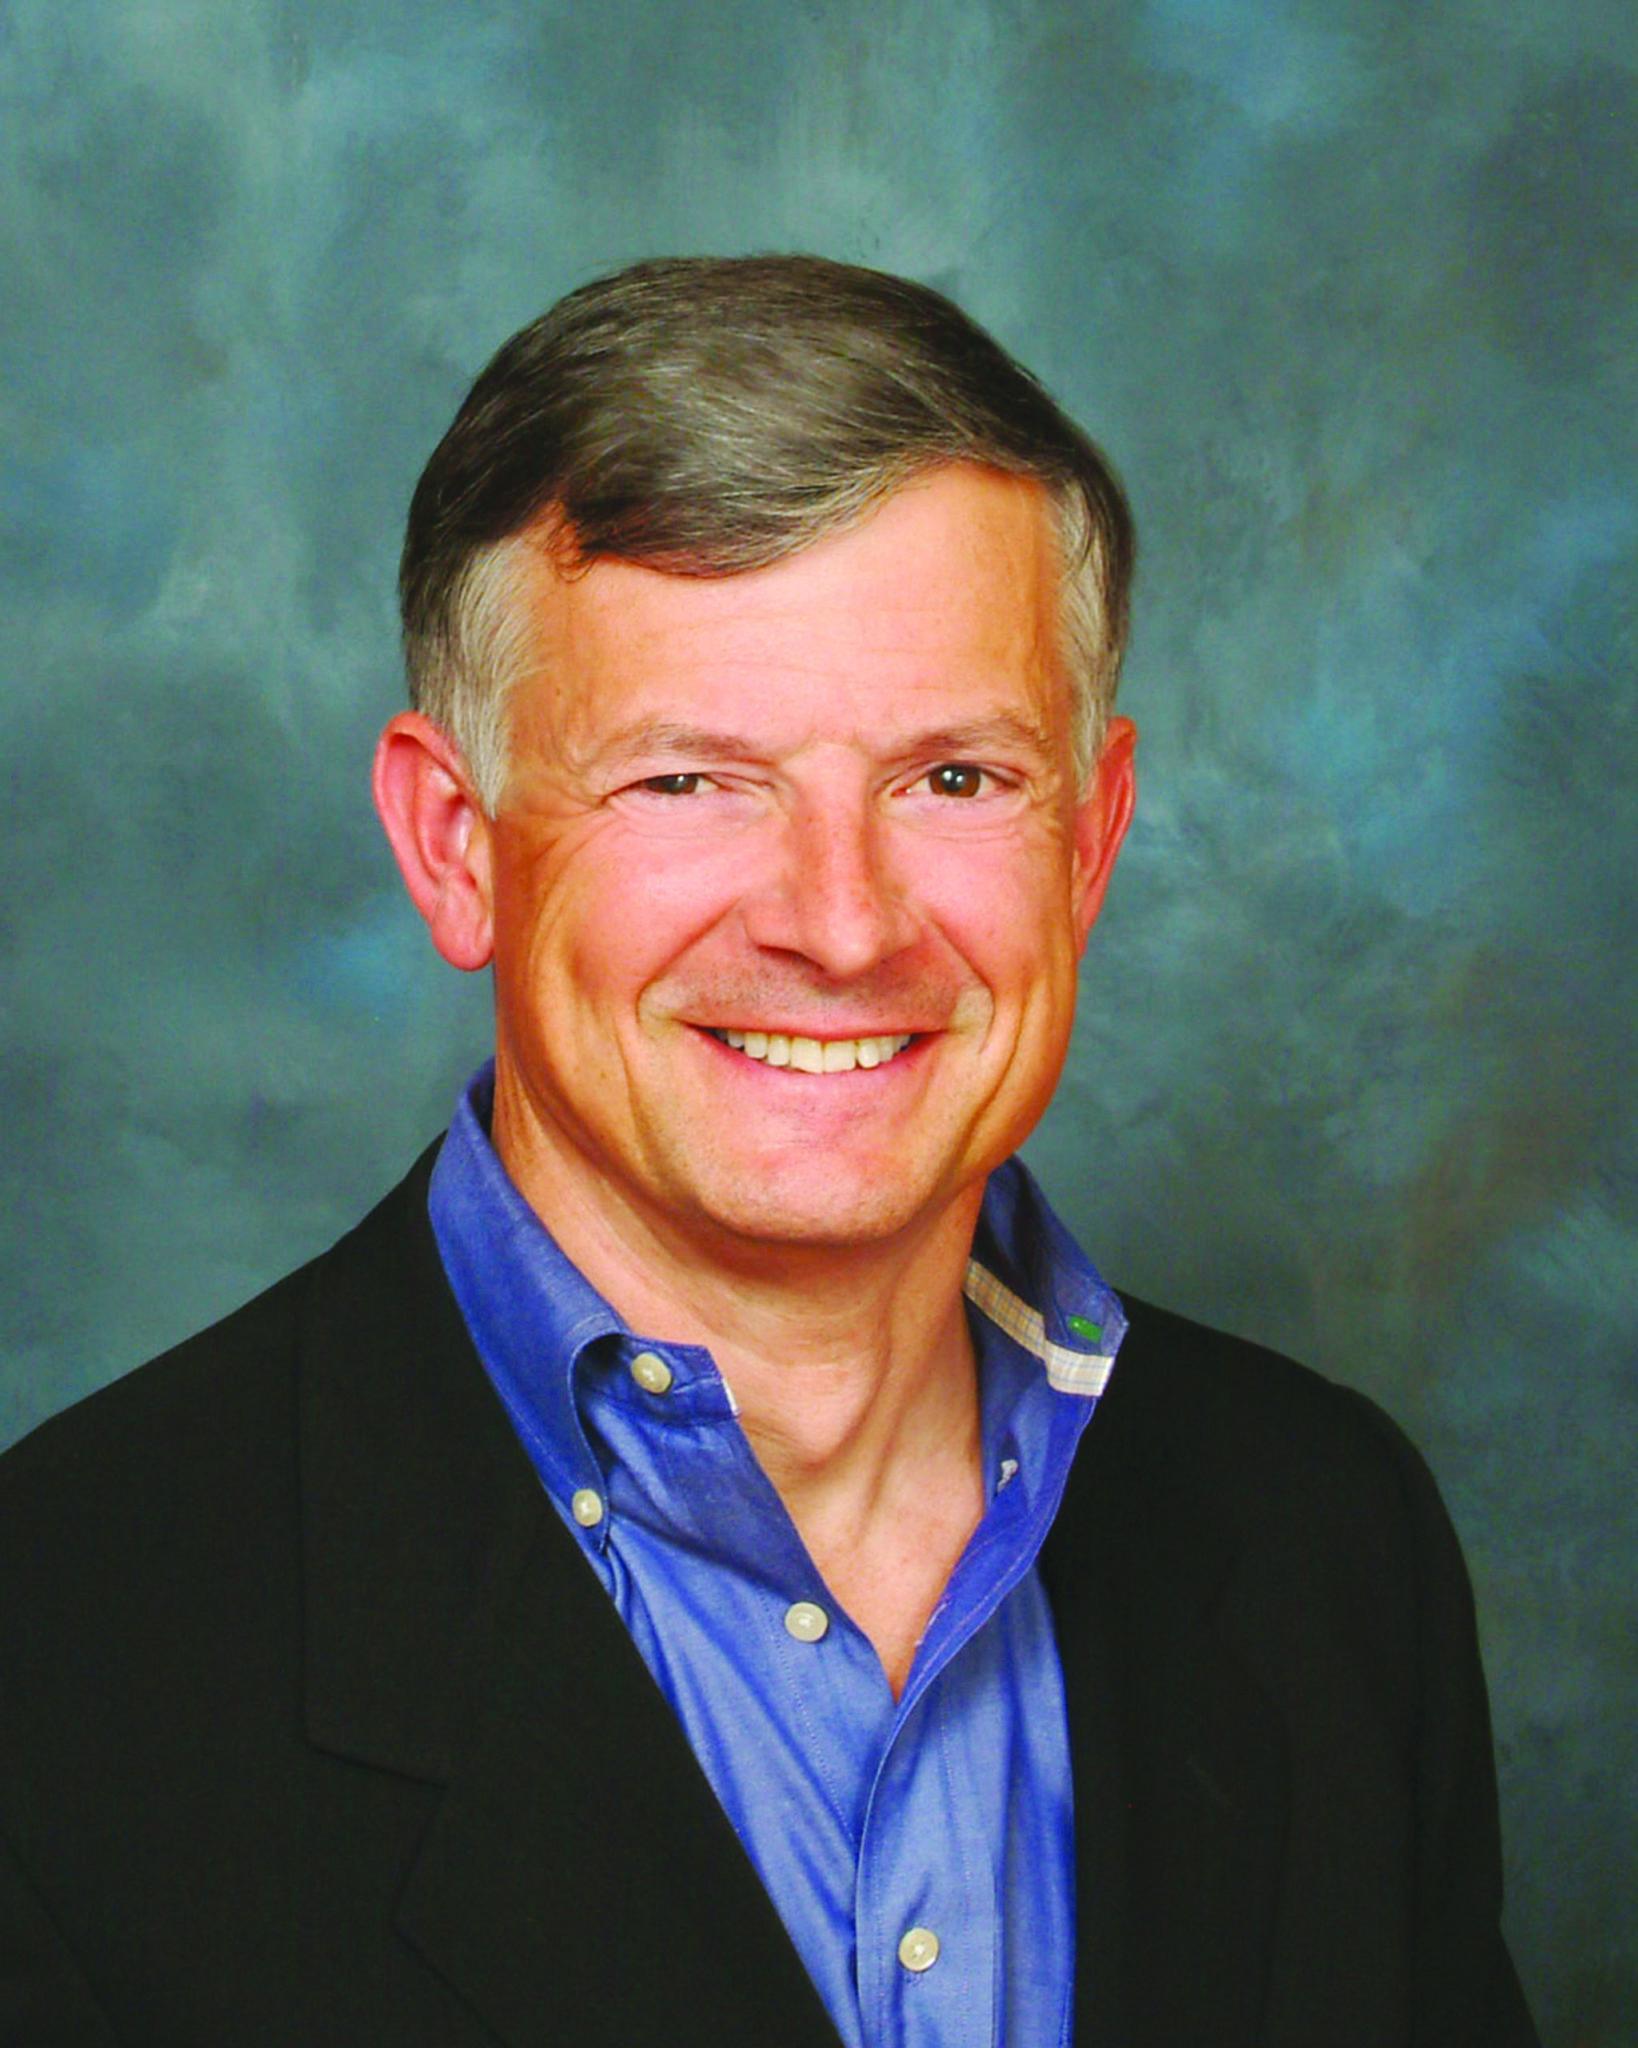 Meet the candidate: Joe Paduda seeks legislature seat